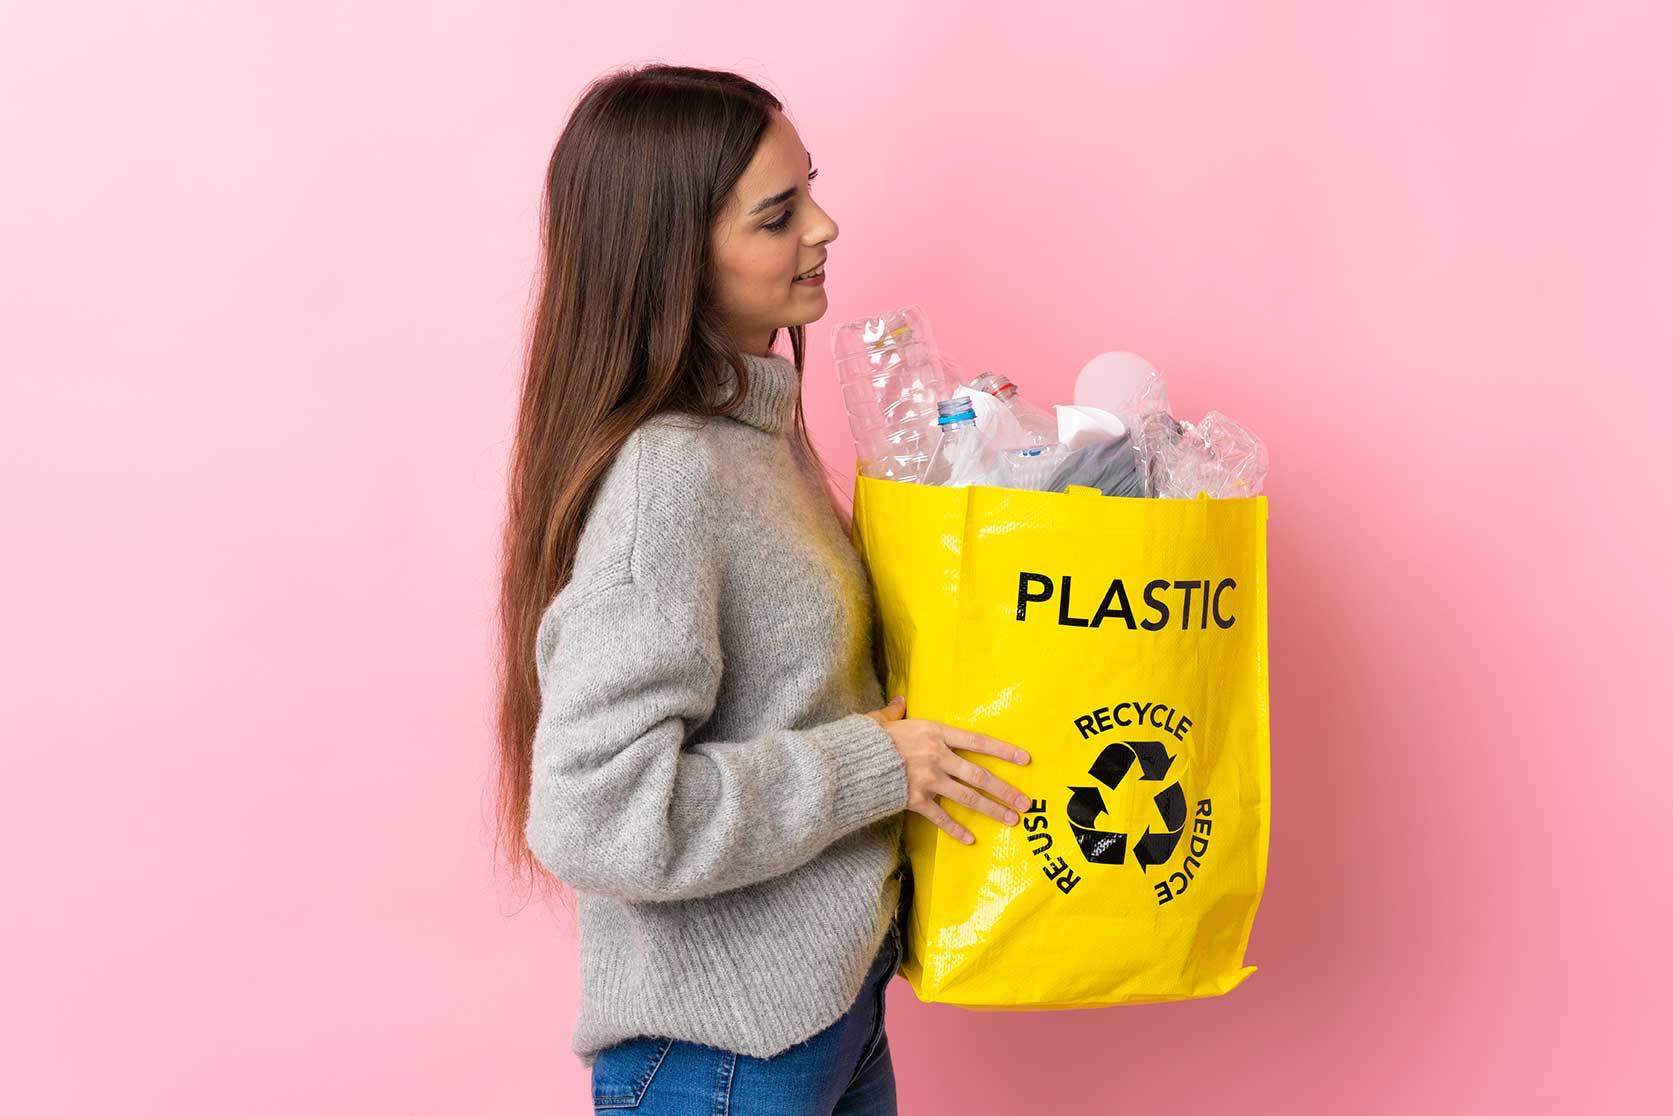 Шесть типов пластика, которых стоит избегать